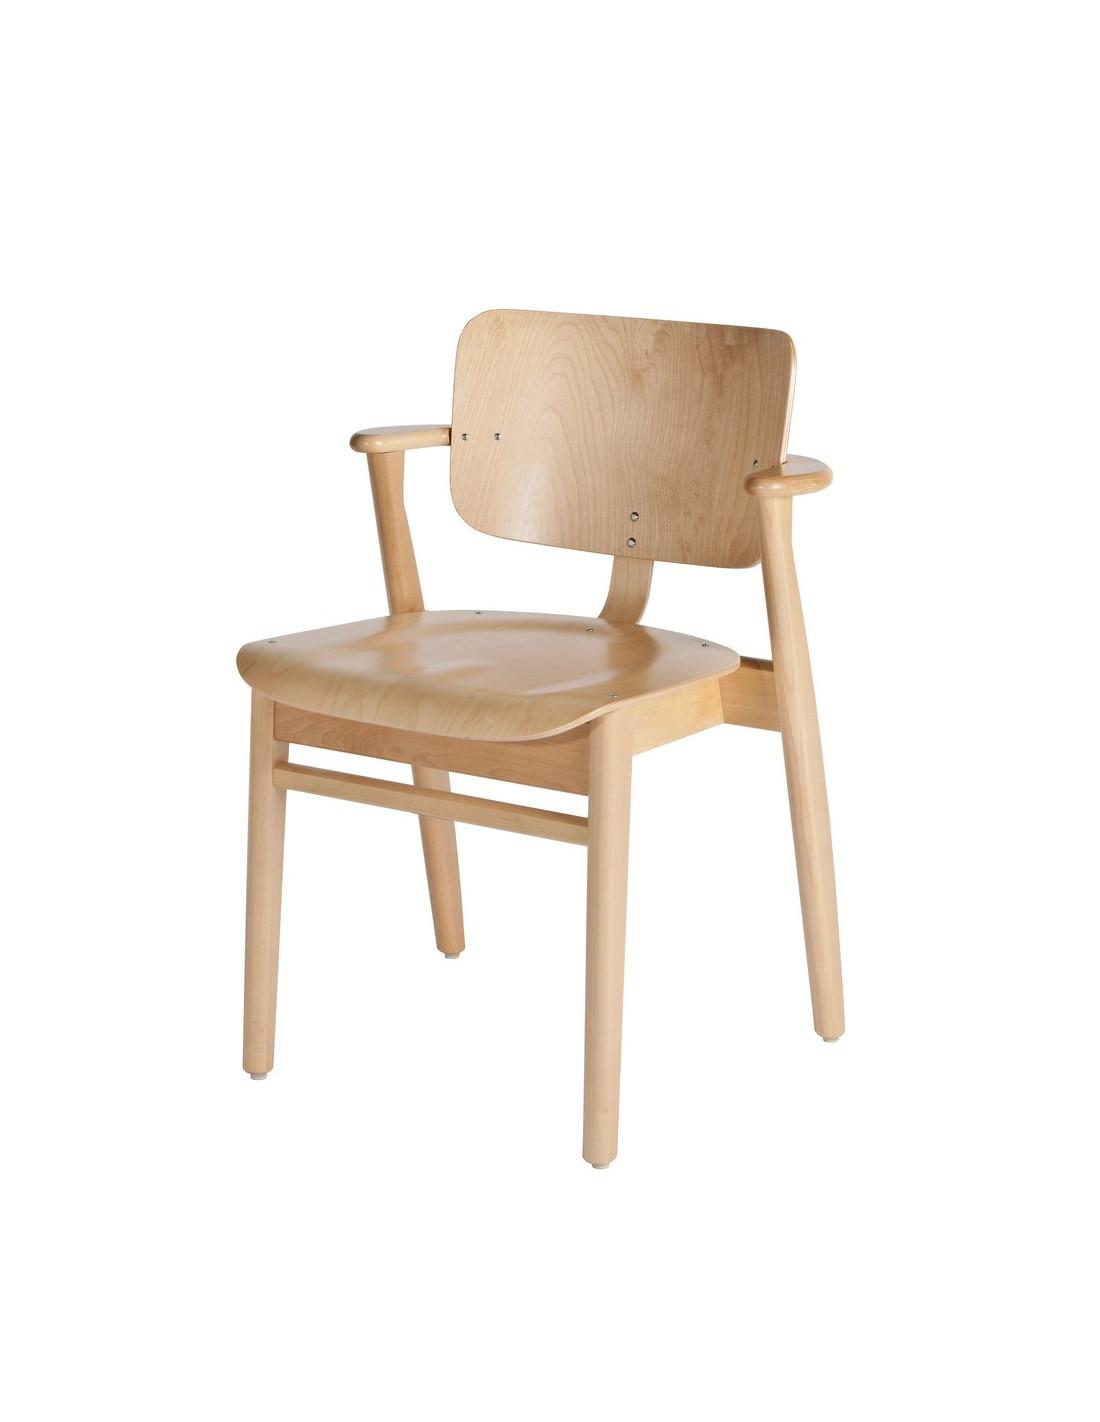 Chaise domus design ilmari tapiovaara pour artek la boutique danoise - Chaise danoise design ...